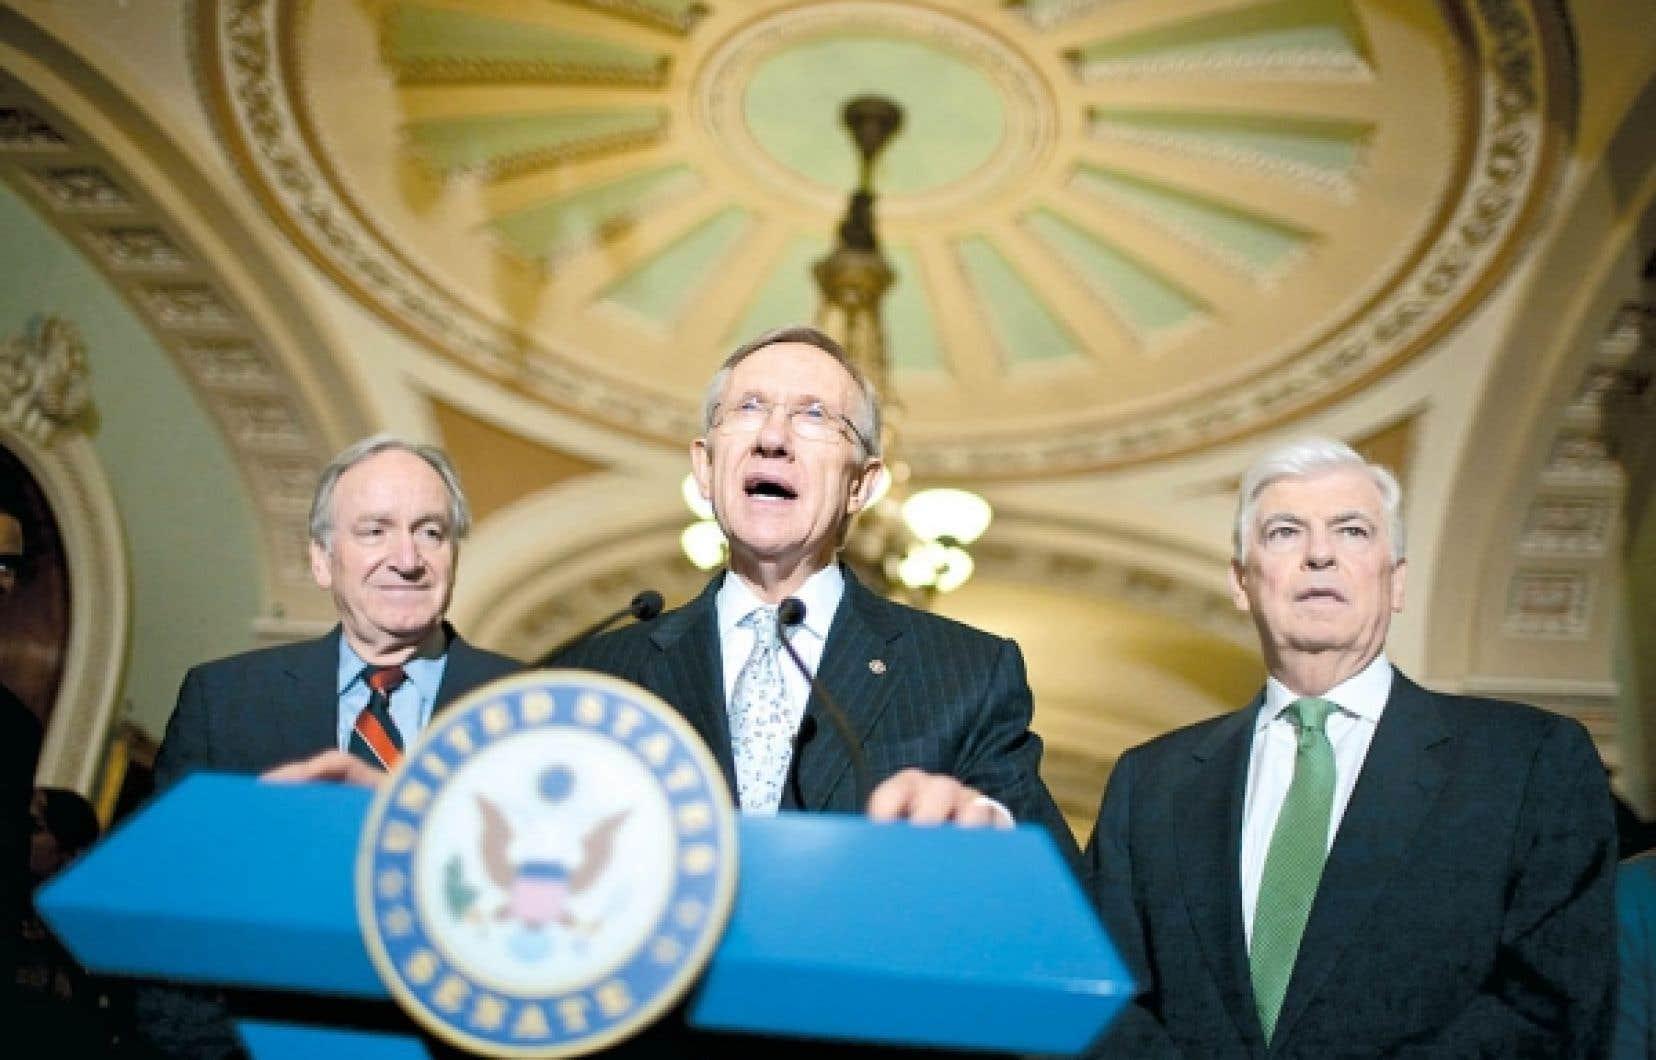 Le leader de la majorité démocrate au Sénat, Harry Reid, s'adressant à la presse en présence des sénateurs démocrates Tom Harkin et Christopher Dodd au sujet du lancement du débat sur la réforme de santé.